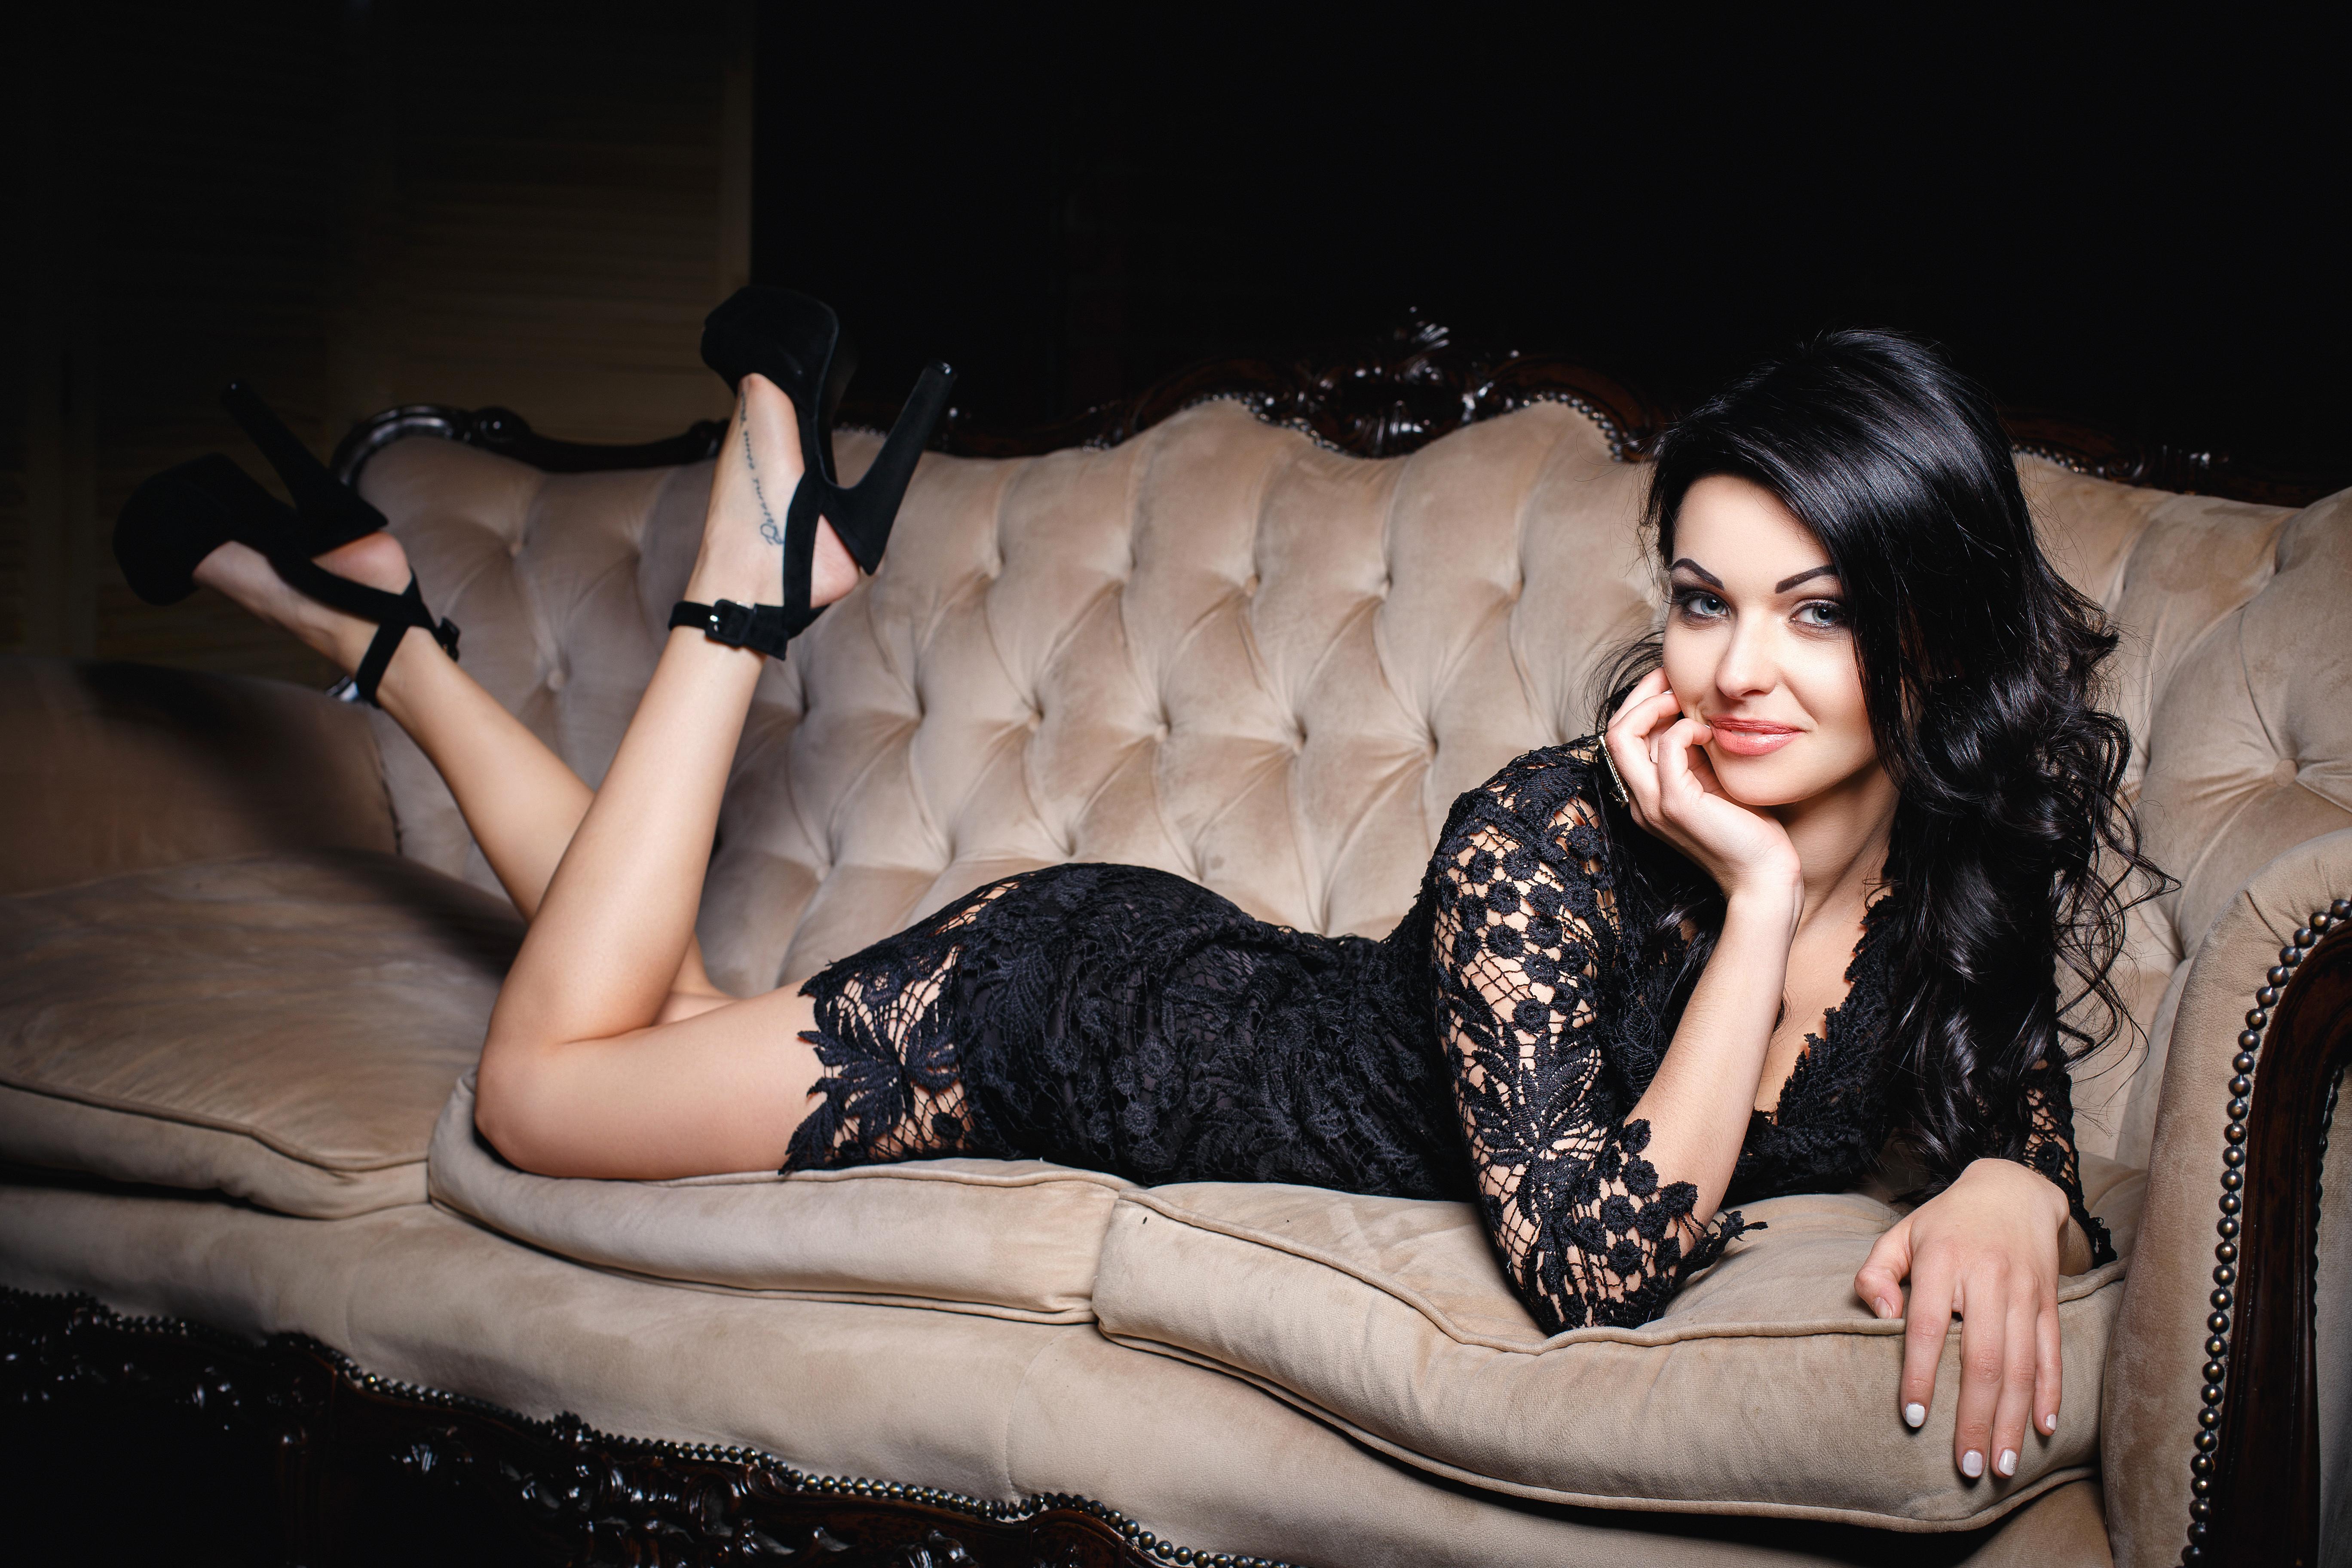 российских моделях, роскошные брюнетки на каблуках руку